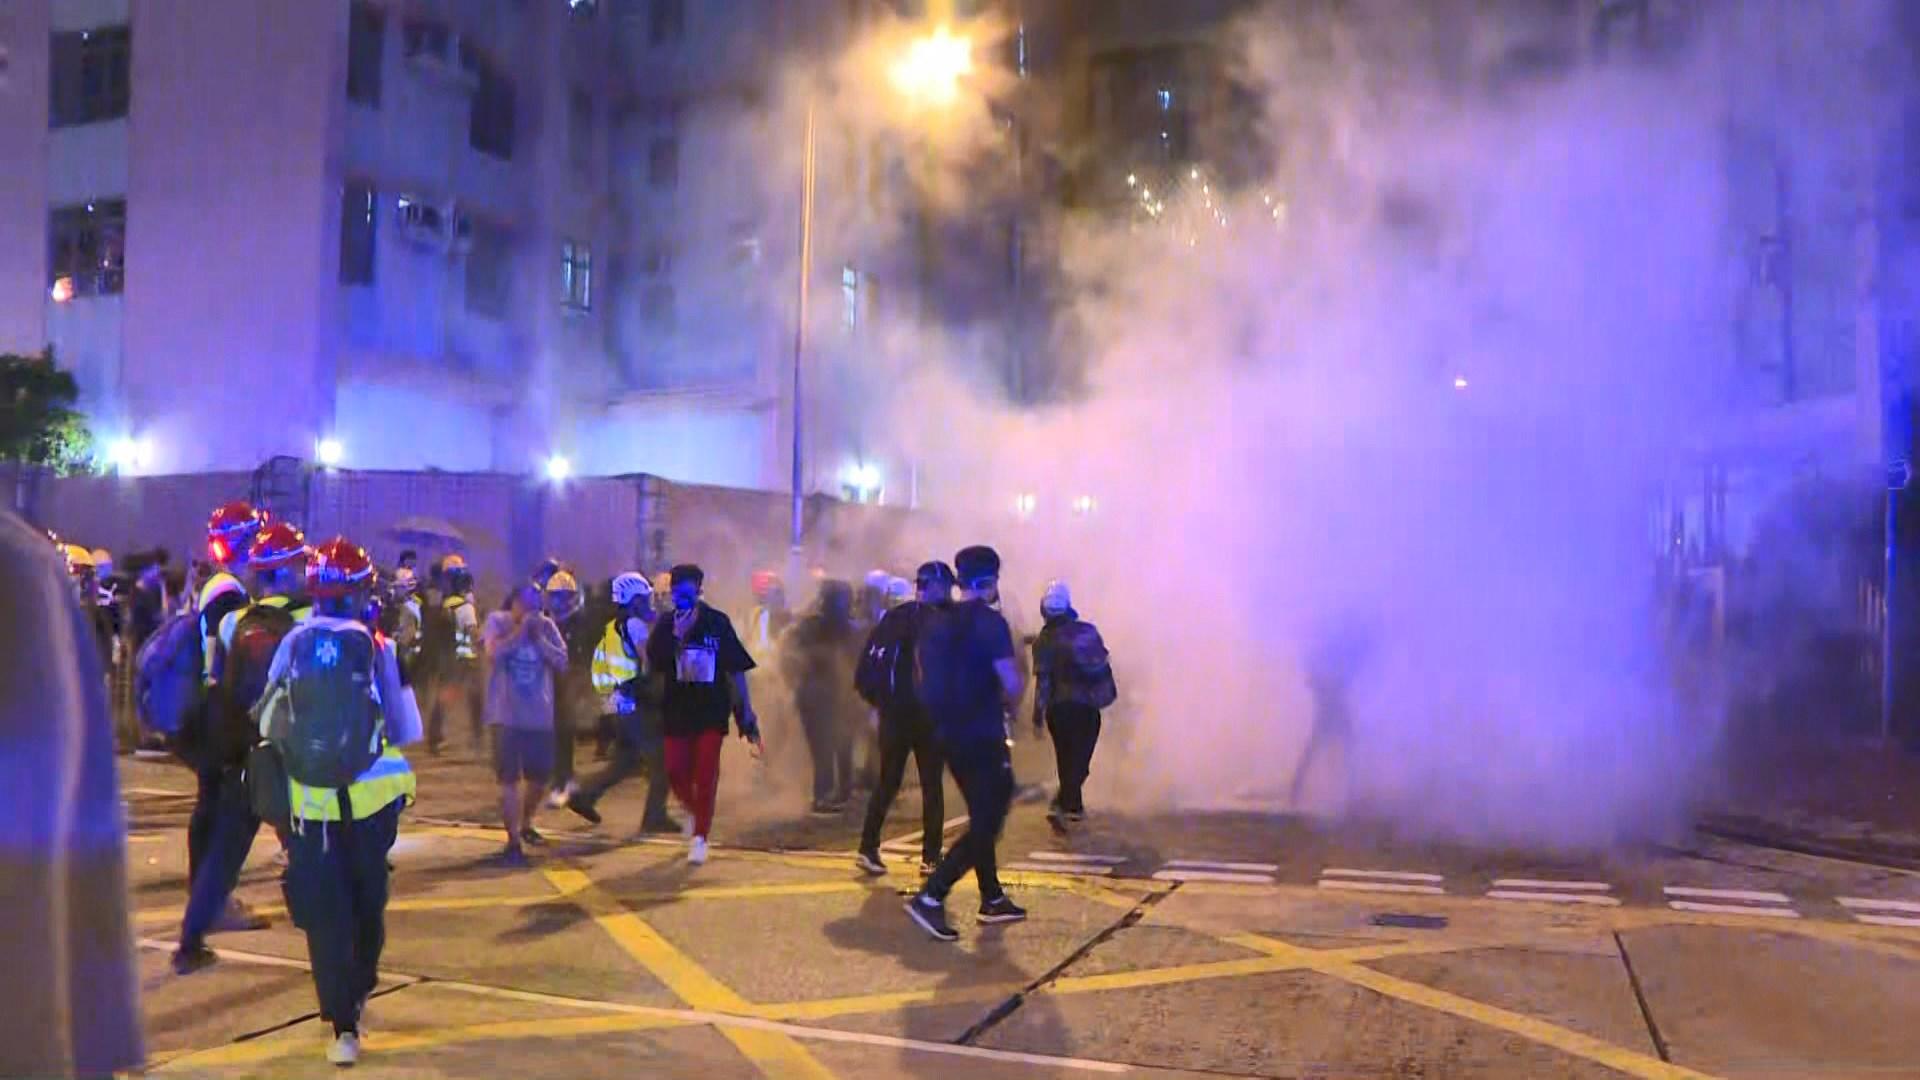 警方一度在黃大仙施放催淚彈驅散在場人士